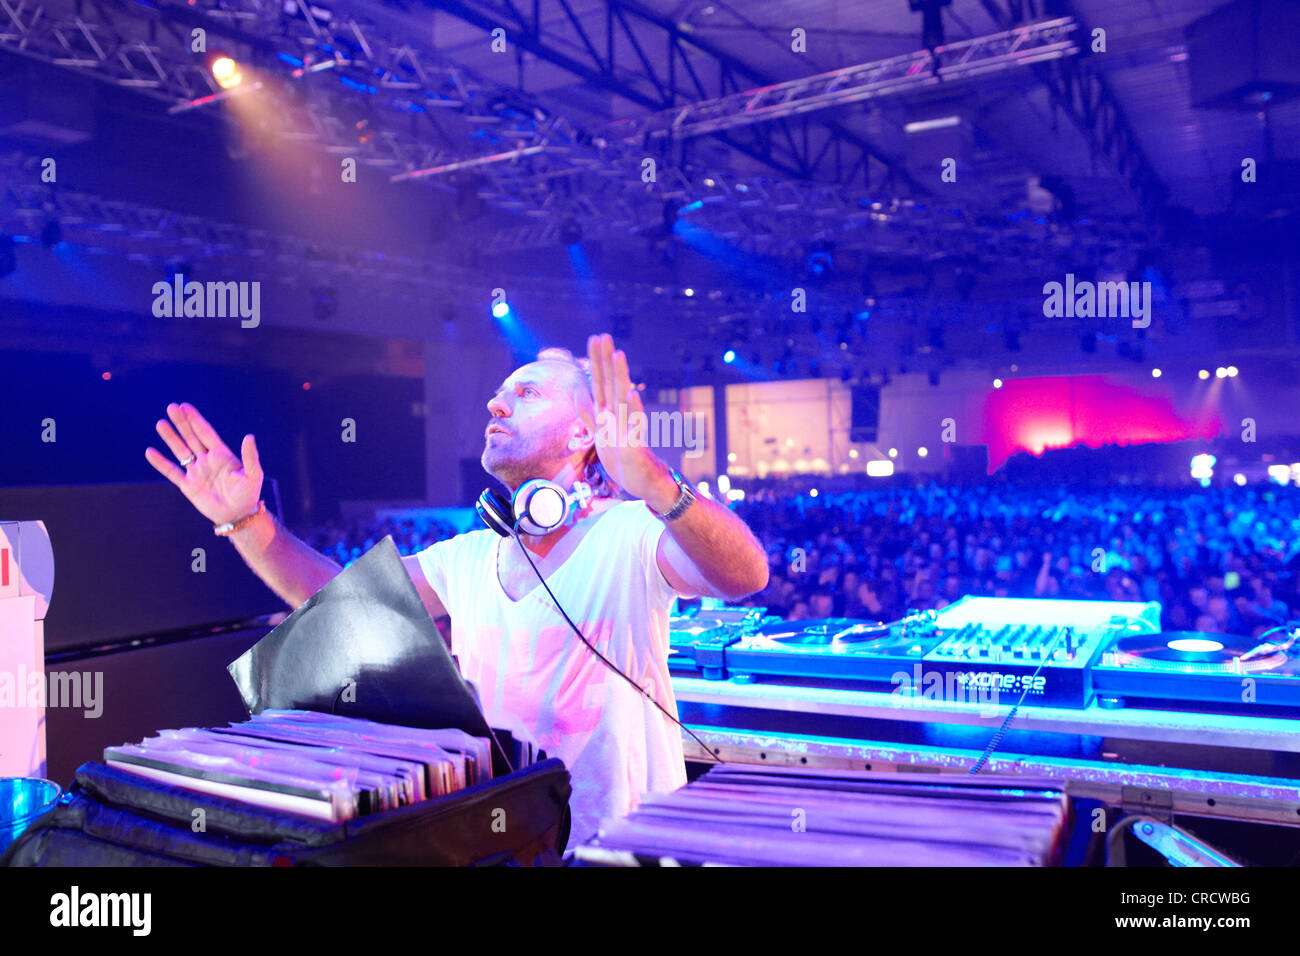 DJ Sven Vaeth, techno festival Mayday 2011 in the Westfalenhalle Dortmund venue, Dortmund, North Rhine-Westphalia - Stock Image